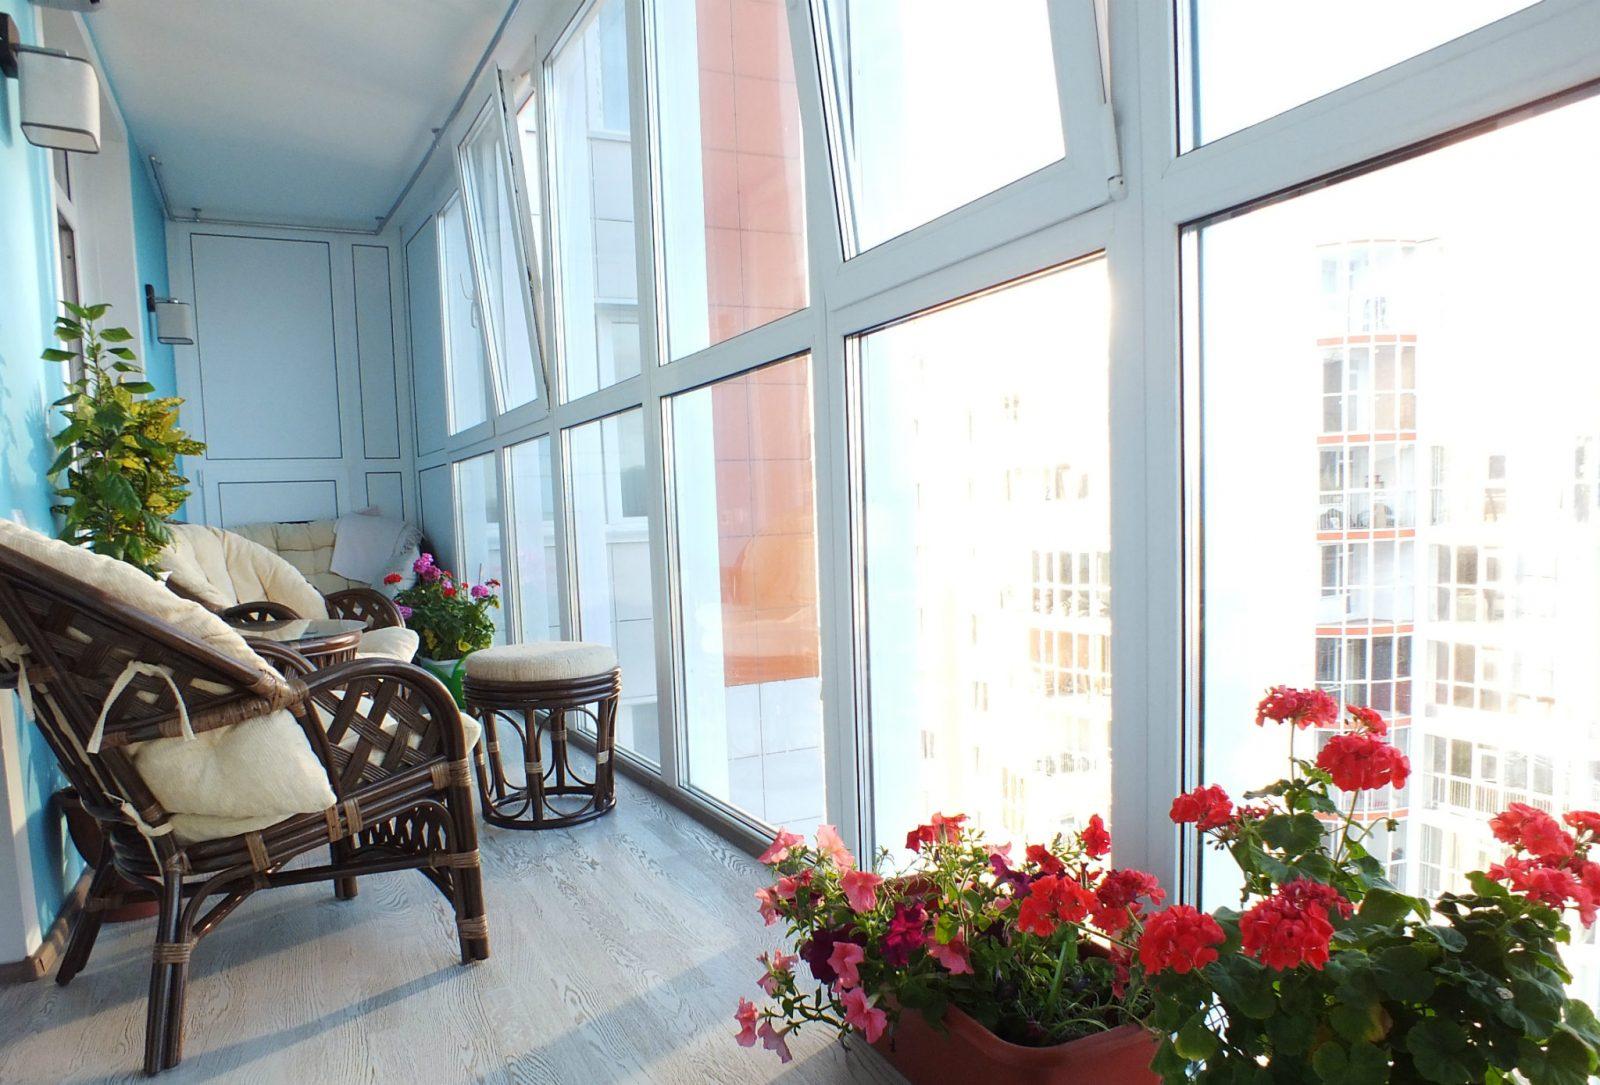 Требуется остекление балкона теплое